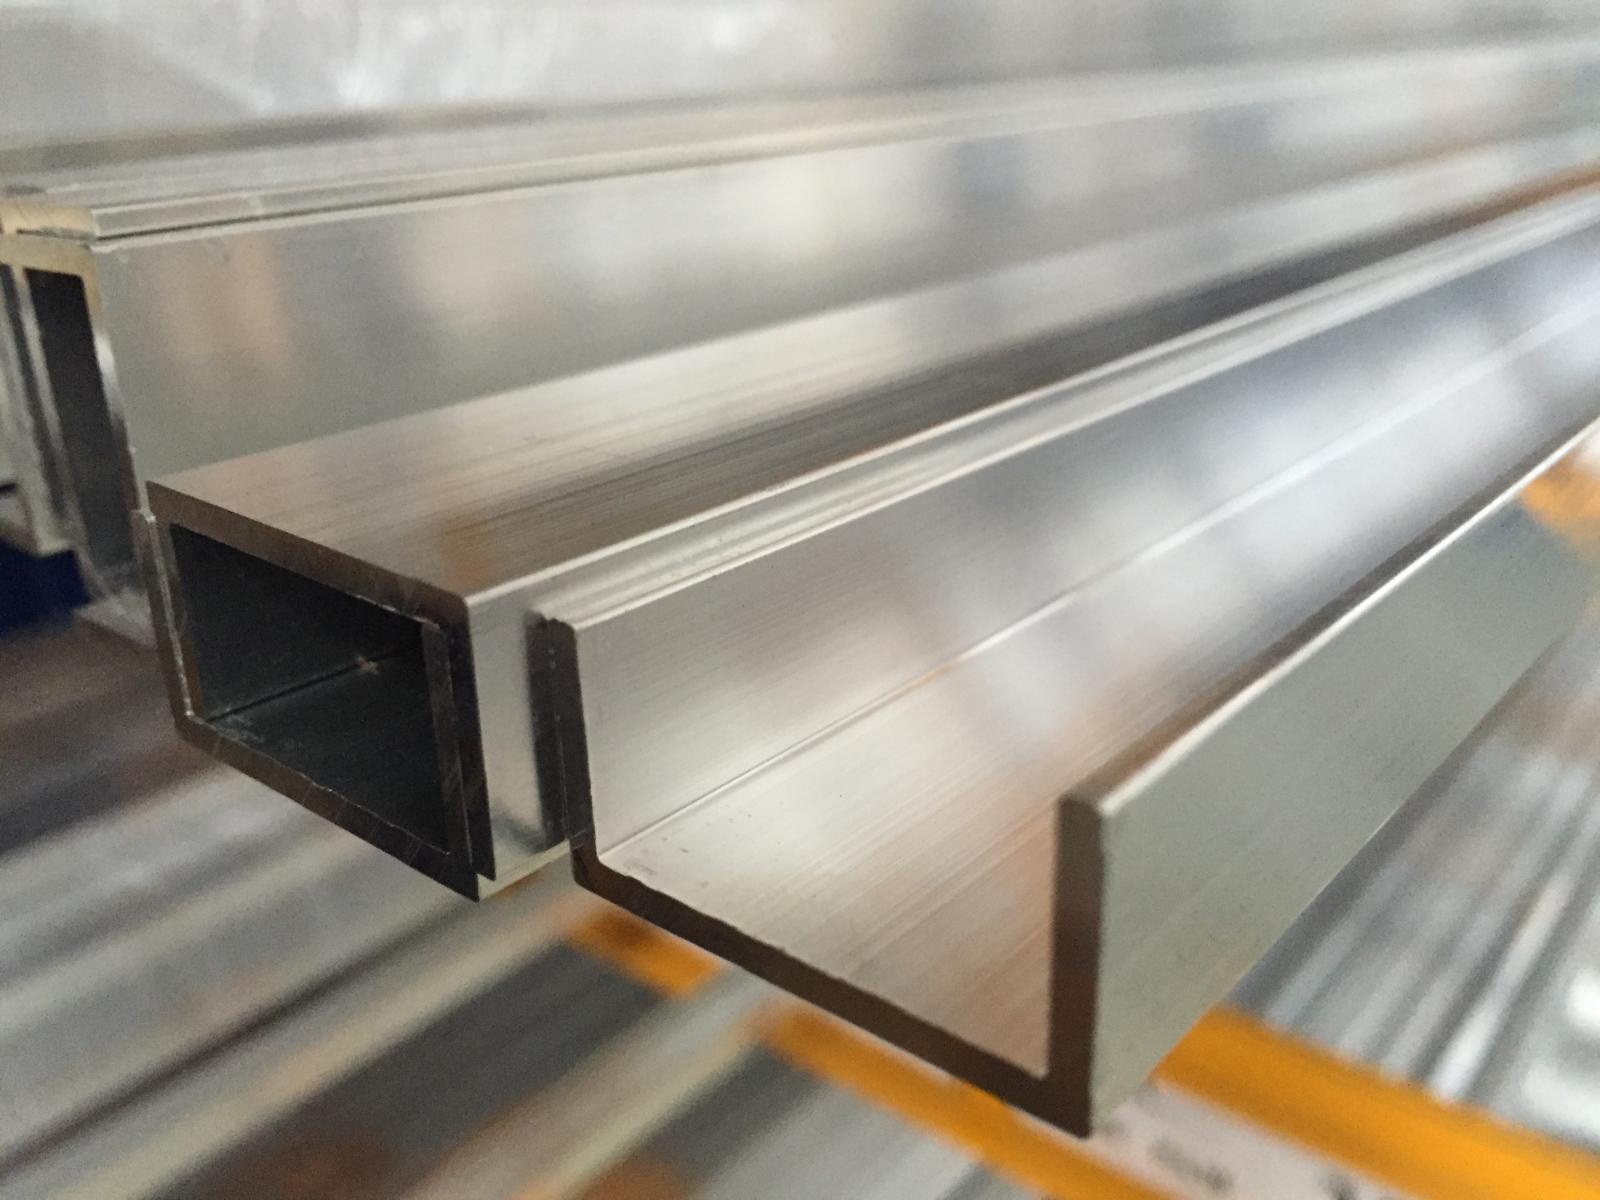 Alu U-Profil Pulverbeschichtet 2 Meter lang inkl. Verbinder